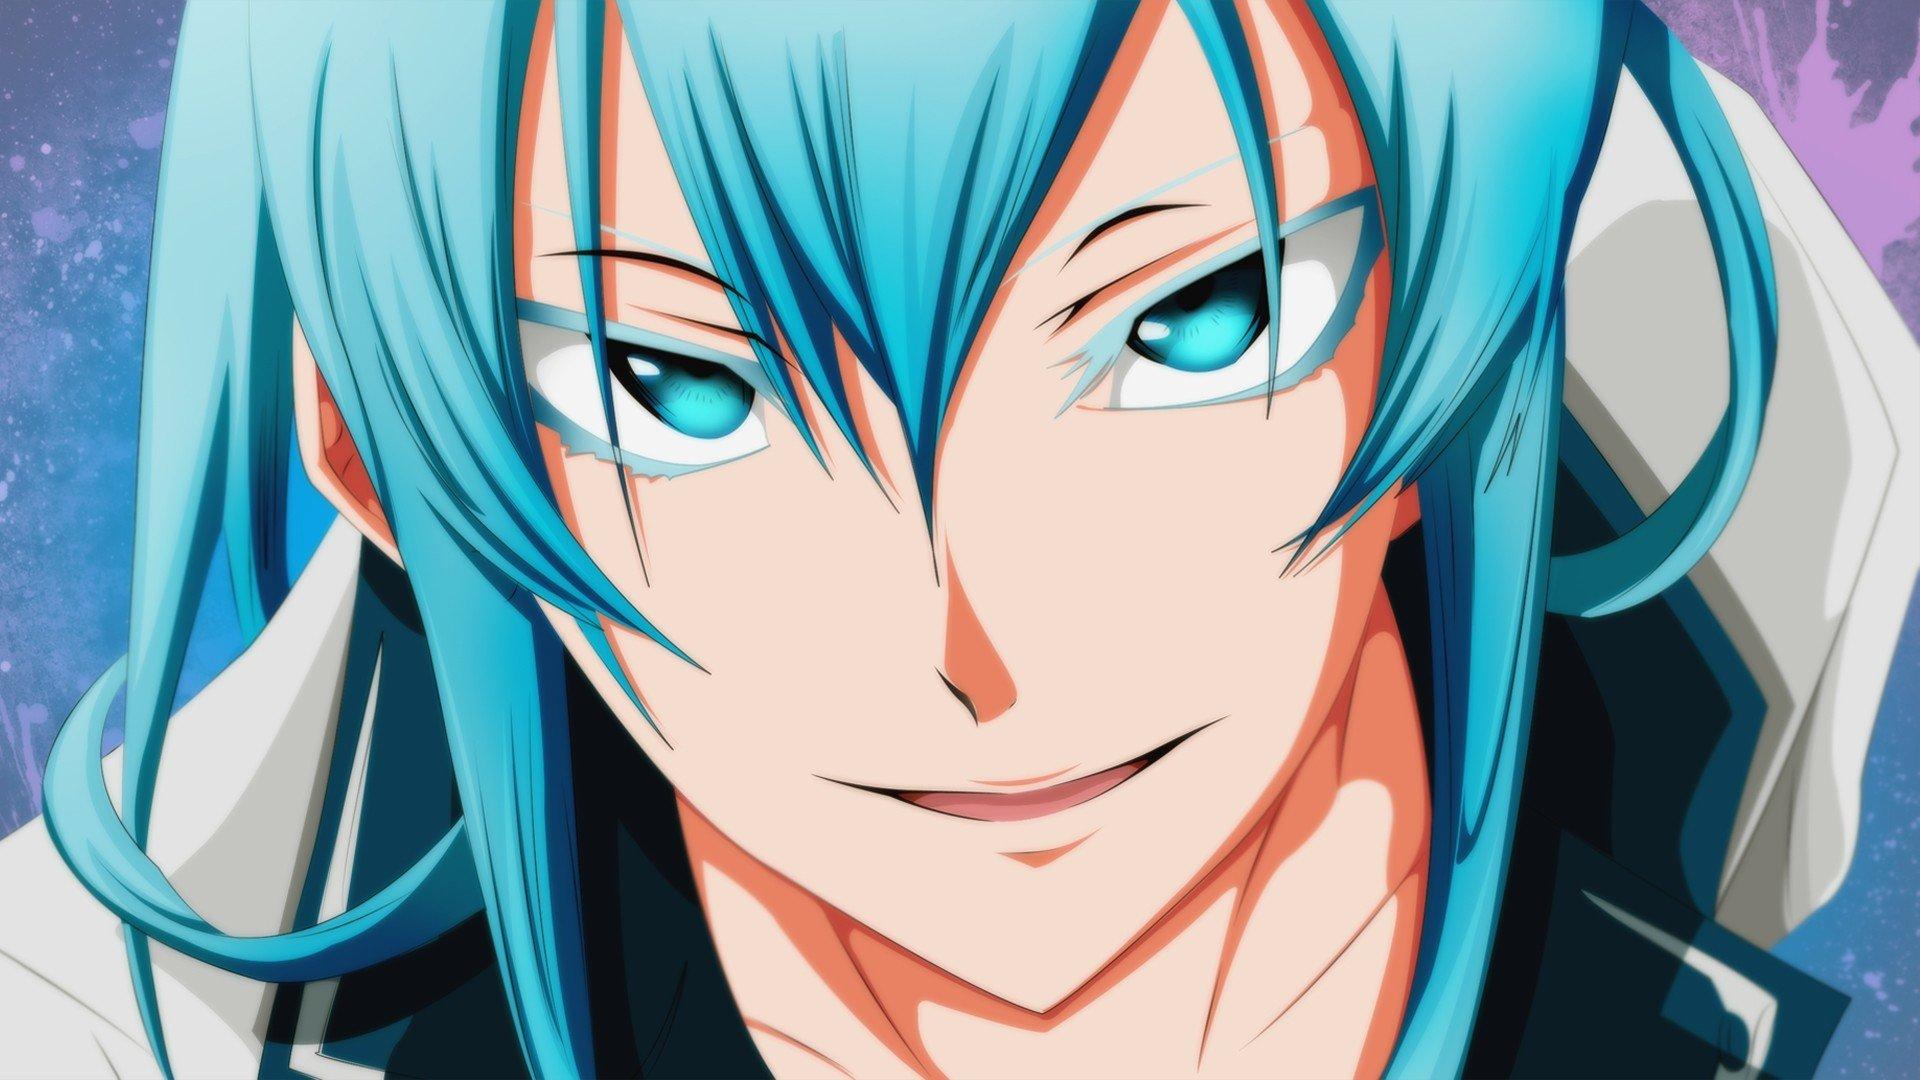 デスクトップ壁紙 1920x1080 Px アカメガキル 青い目 青い髪